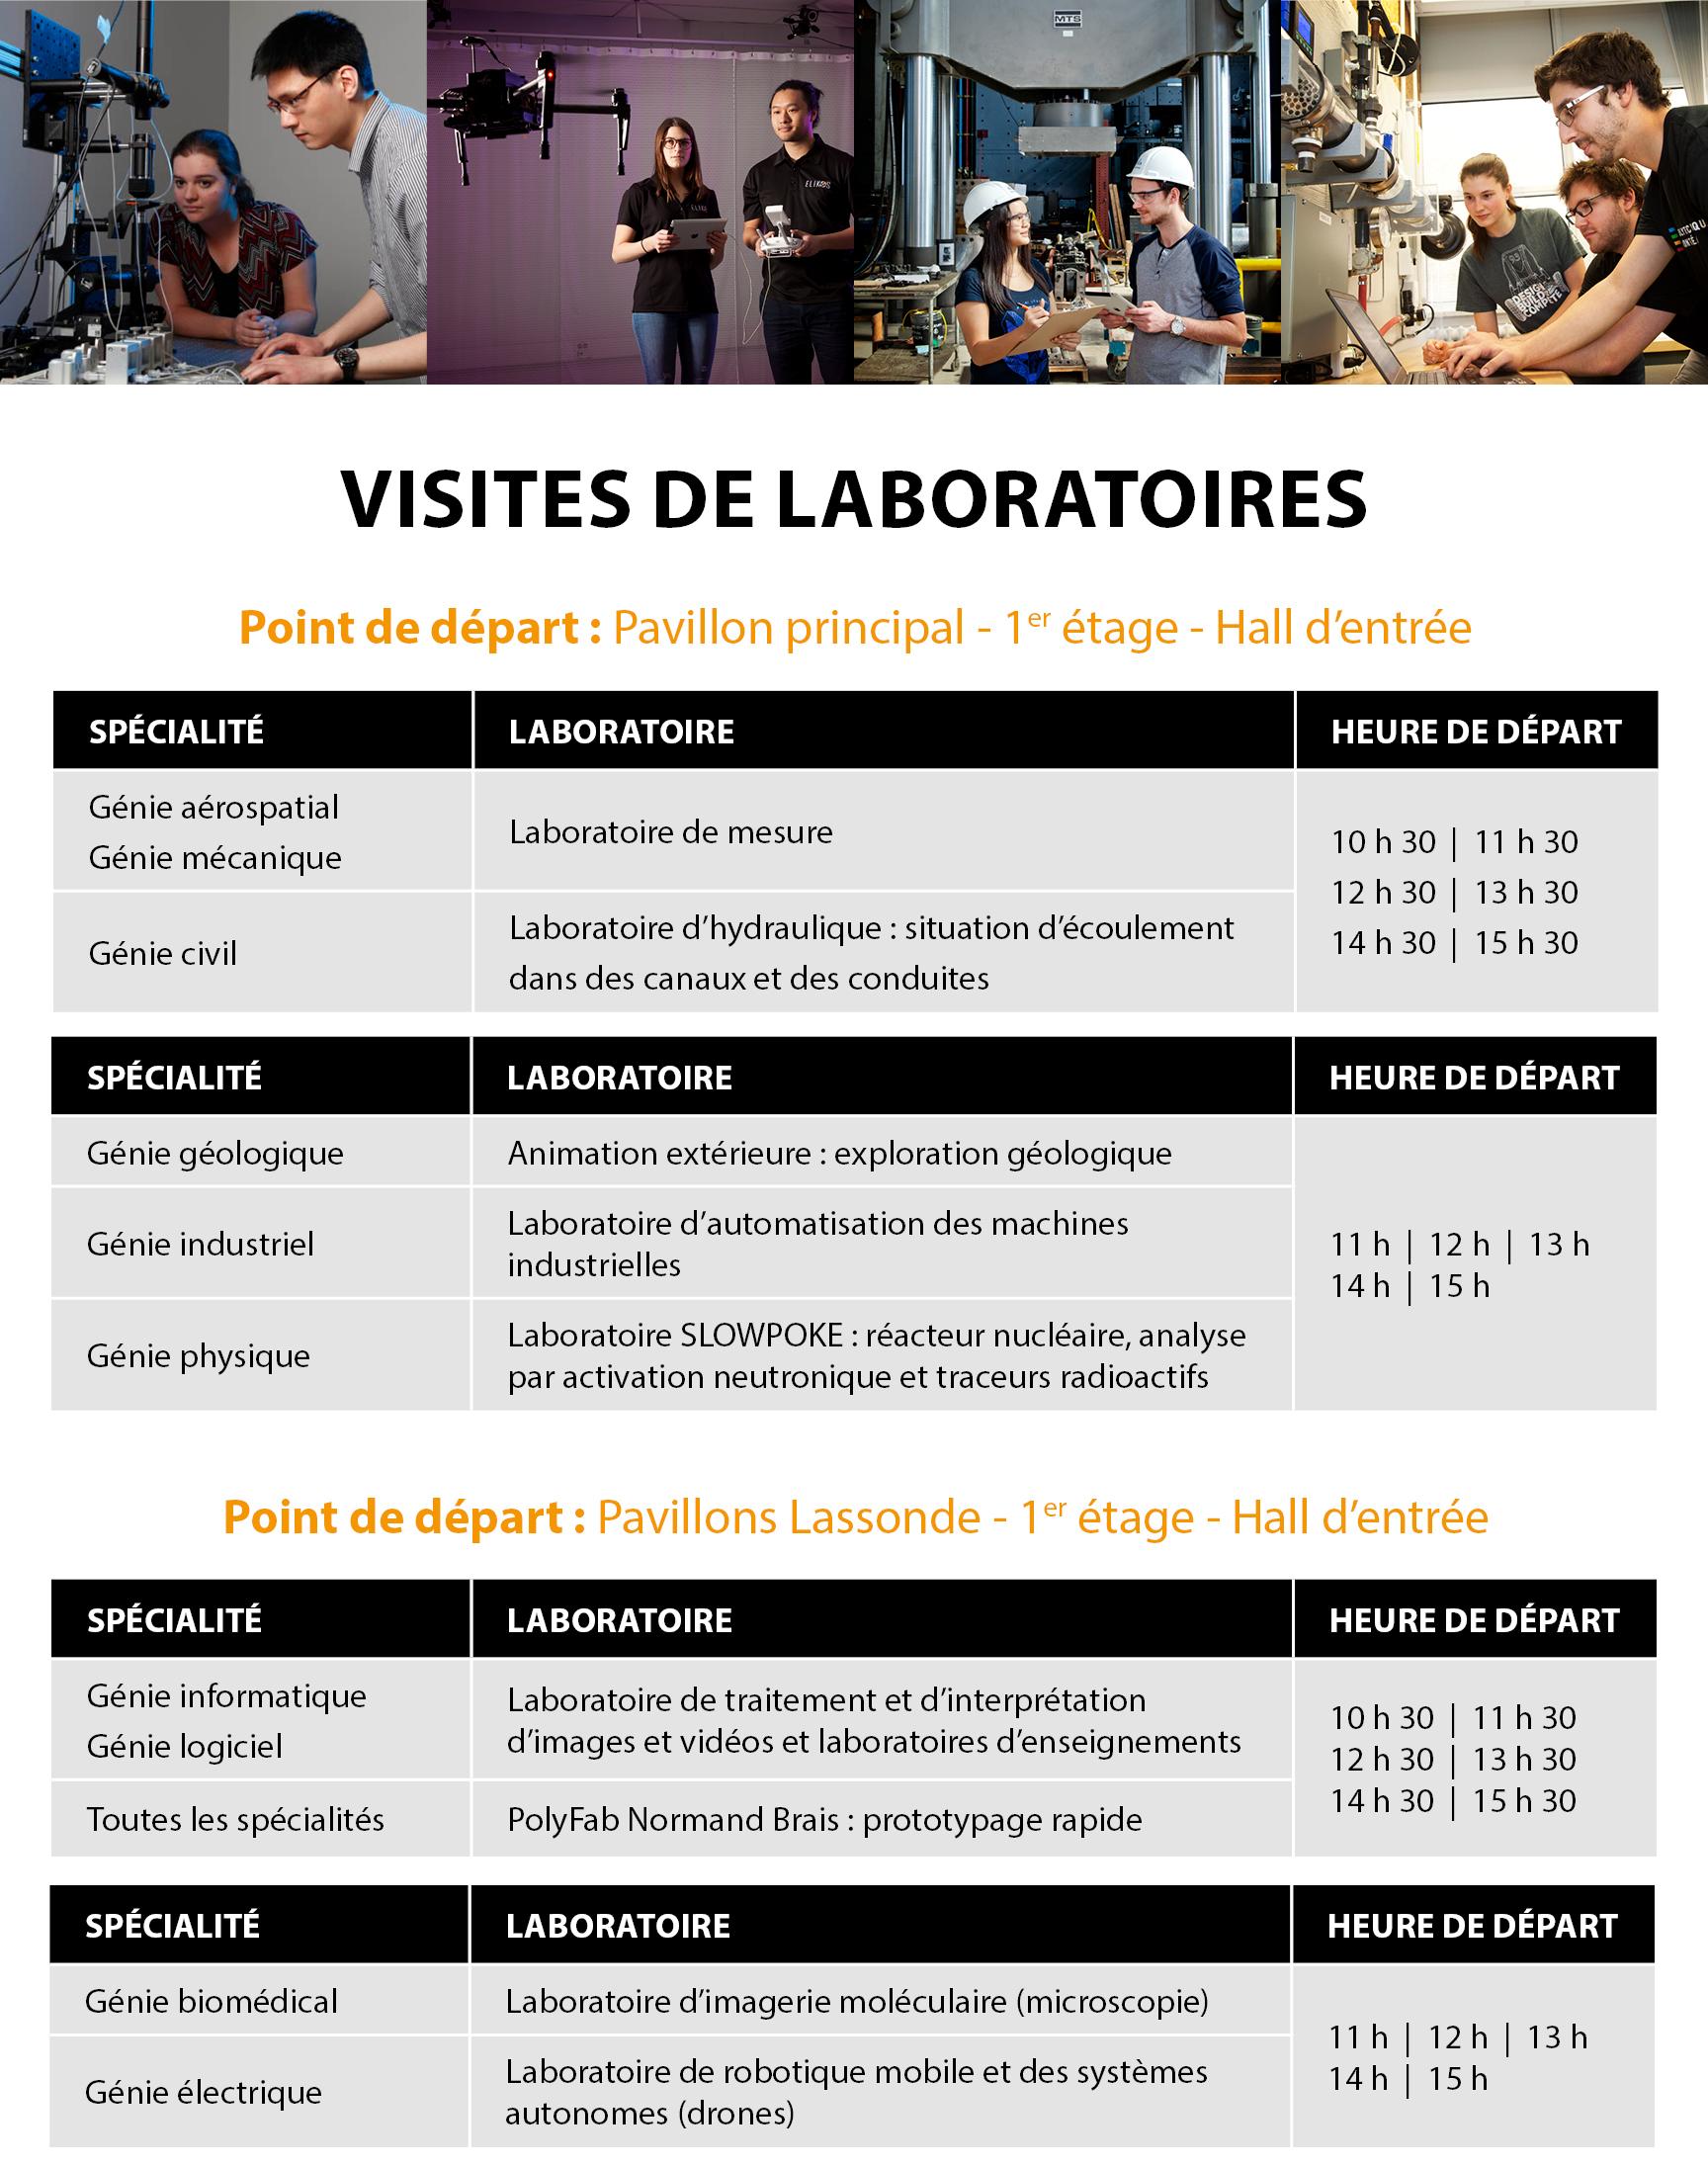 Portes ouvertes 2017 - Visites de laboratoires